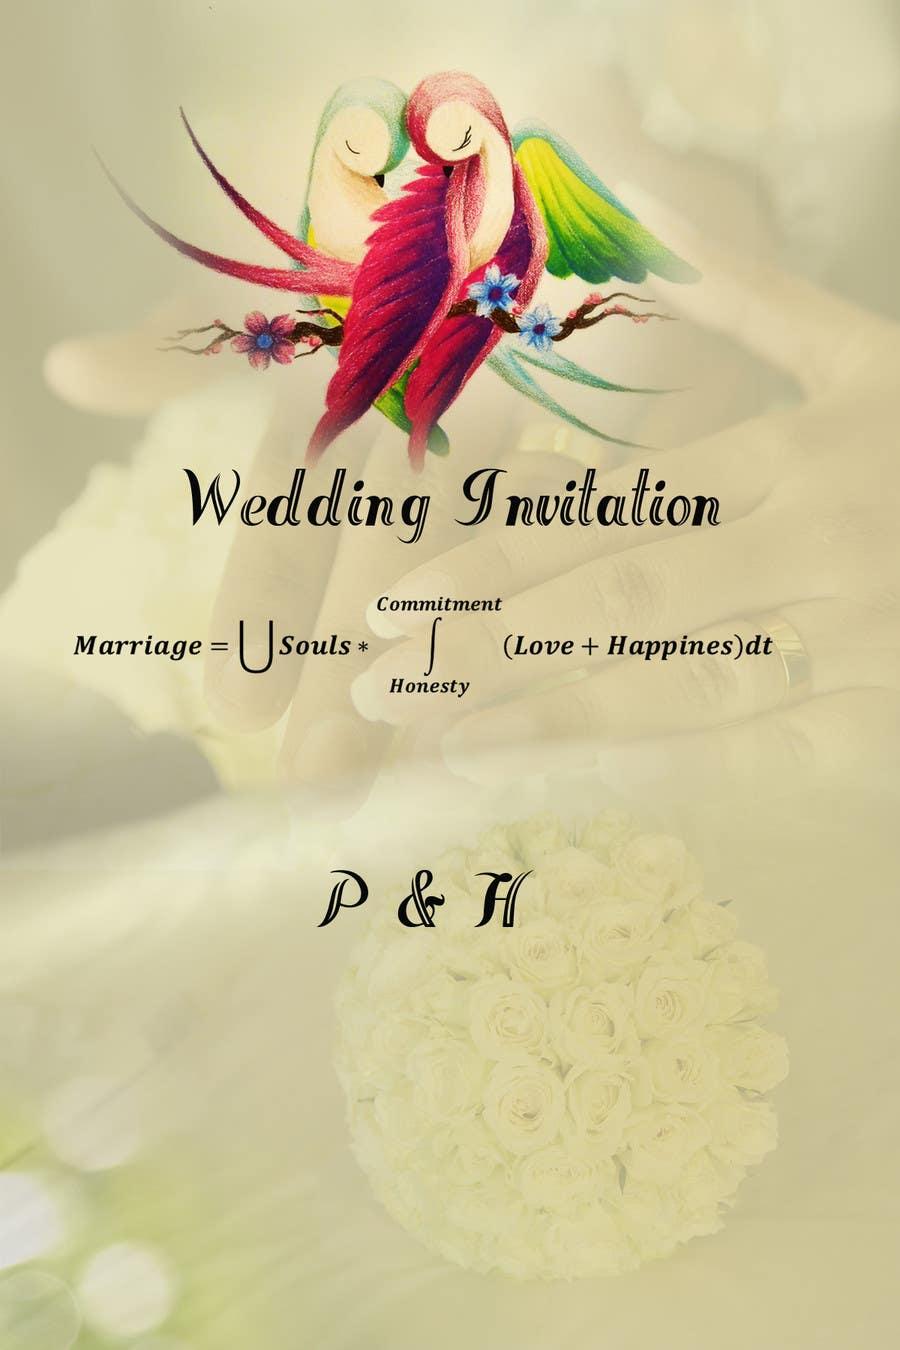 Konkurrenceindlæg #                                        5                                      for                                         Wedding Invitation design needed